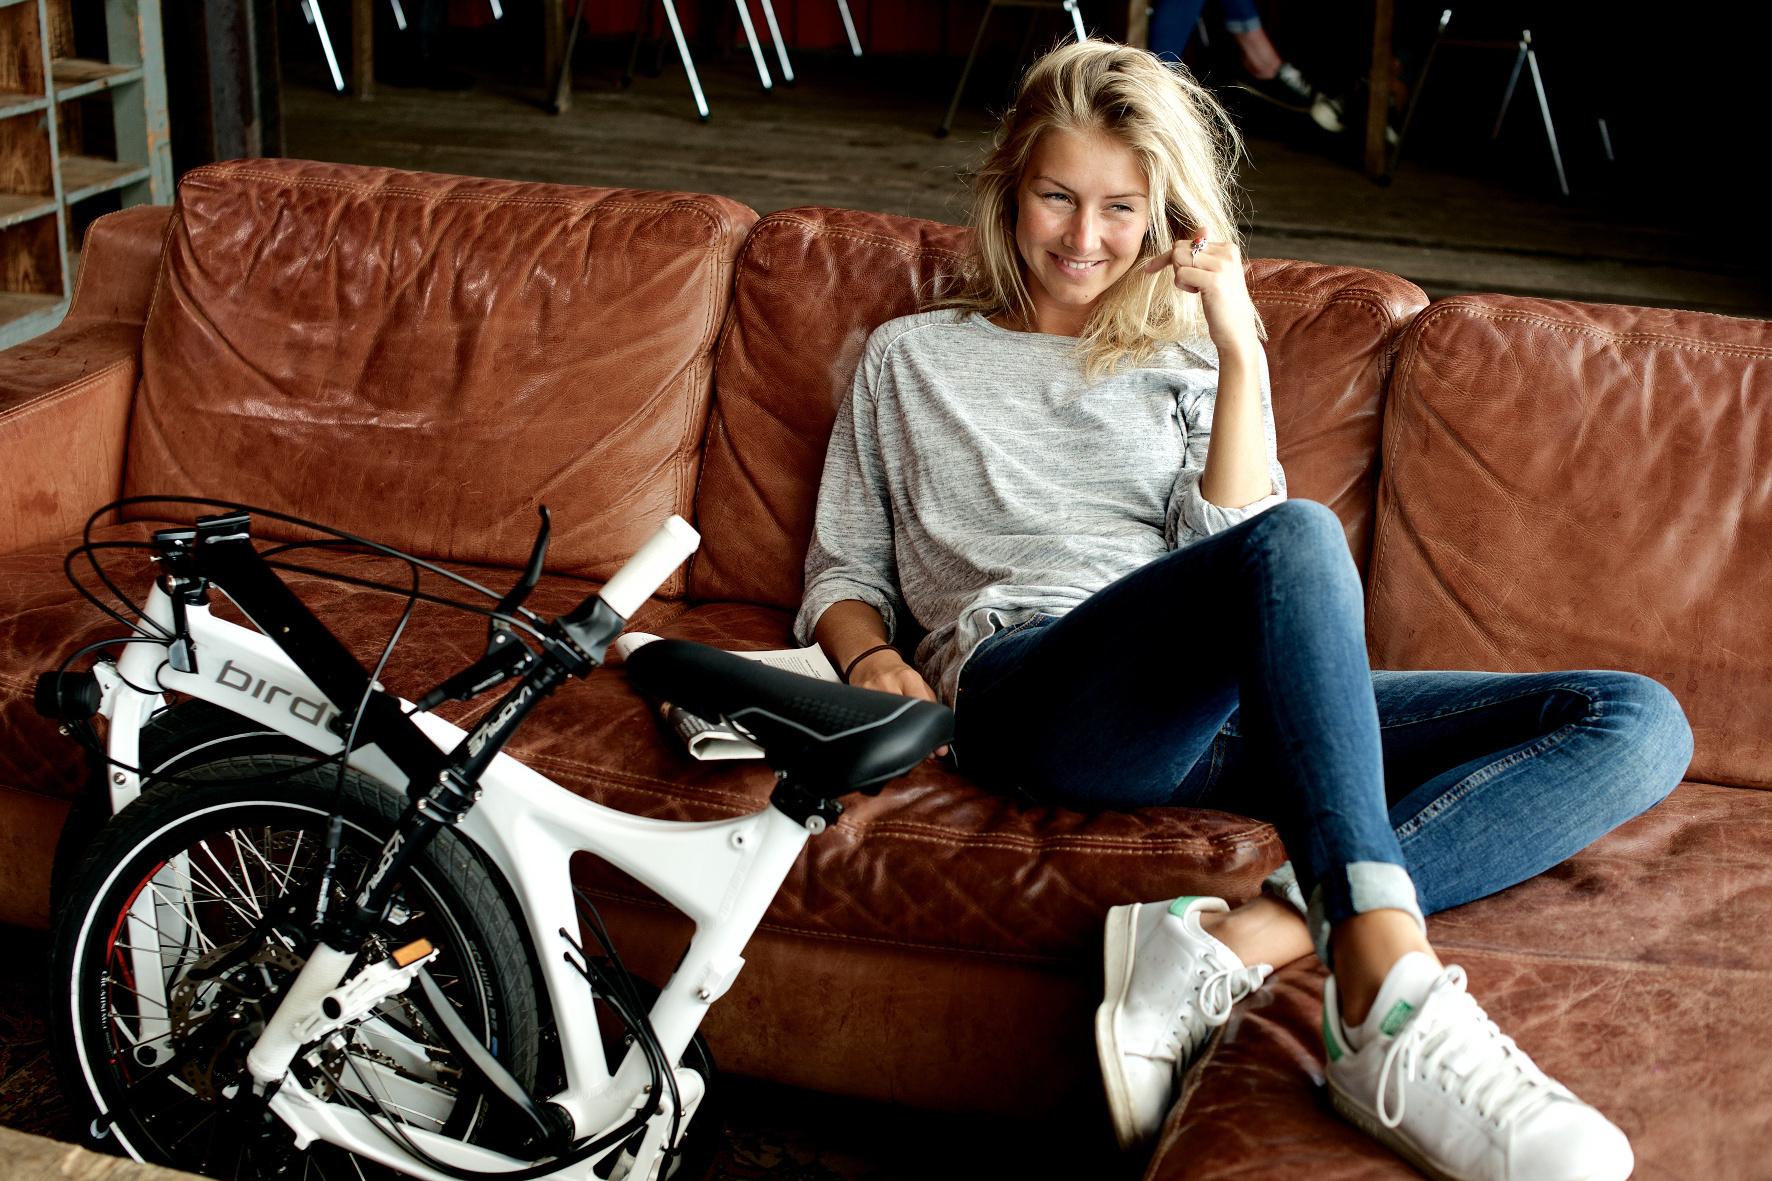 """mid Groß-Gerau - Das Fahrrad als """"Haustier"""": So mancher Radler mutet seinem Gefährt im Winter nicht den kalten Keller zu, sondern verstaut das Zweirad in der warmen Stube."""